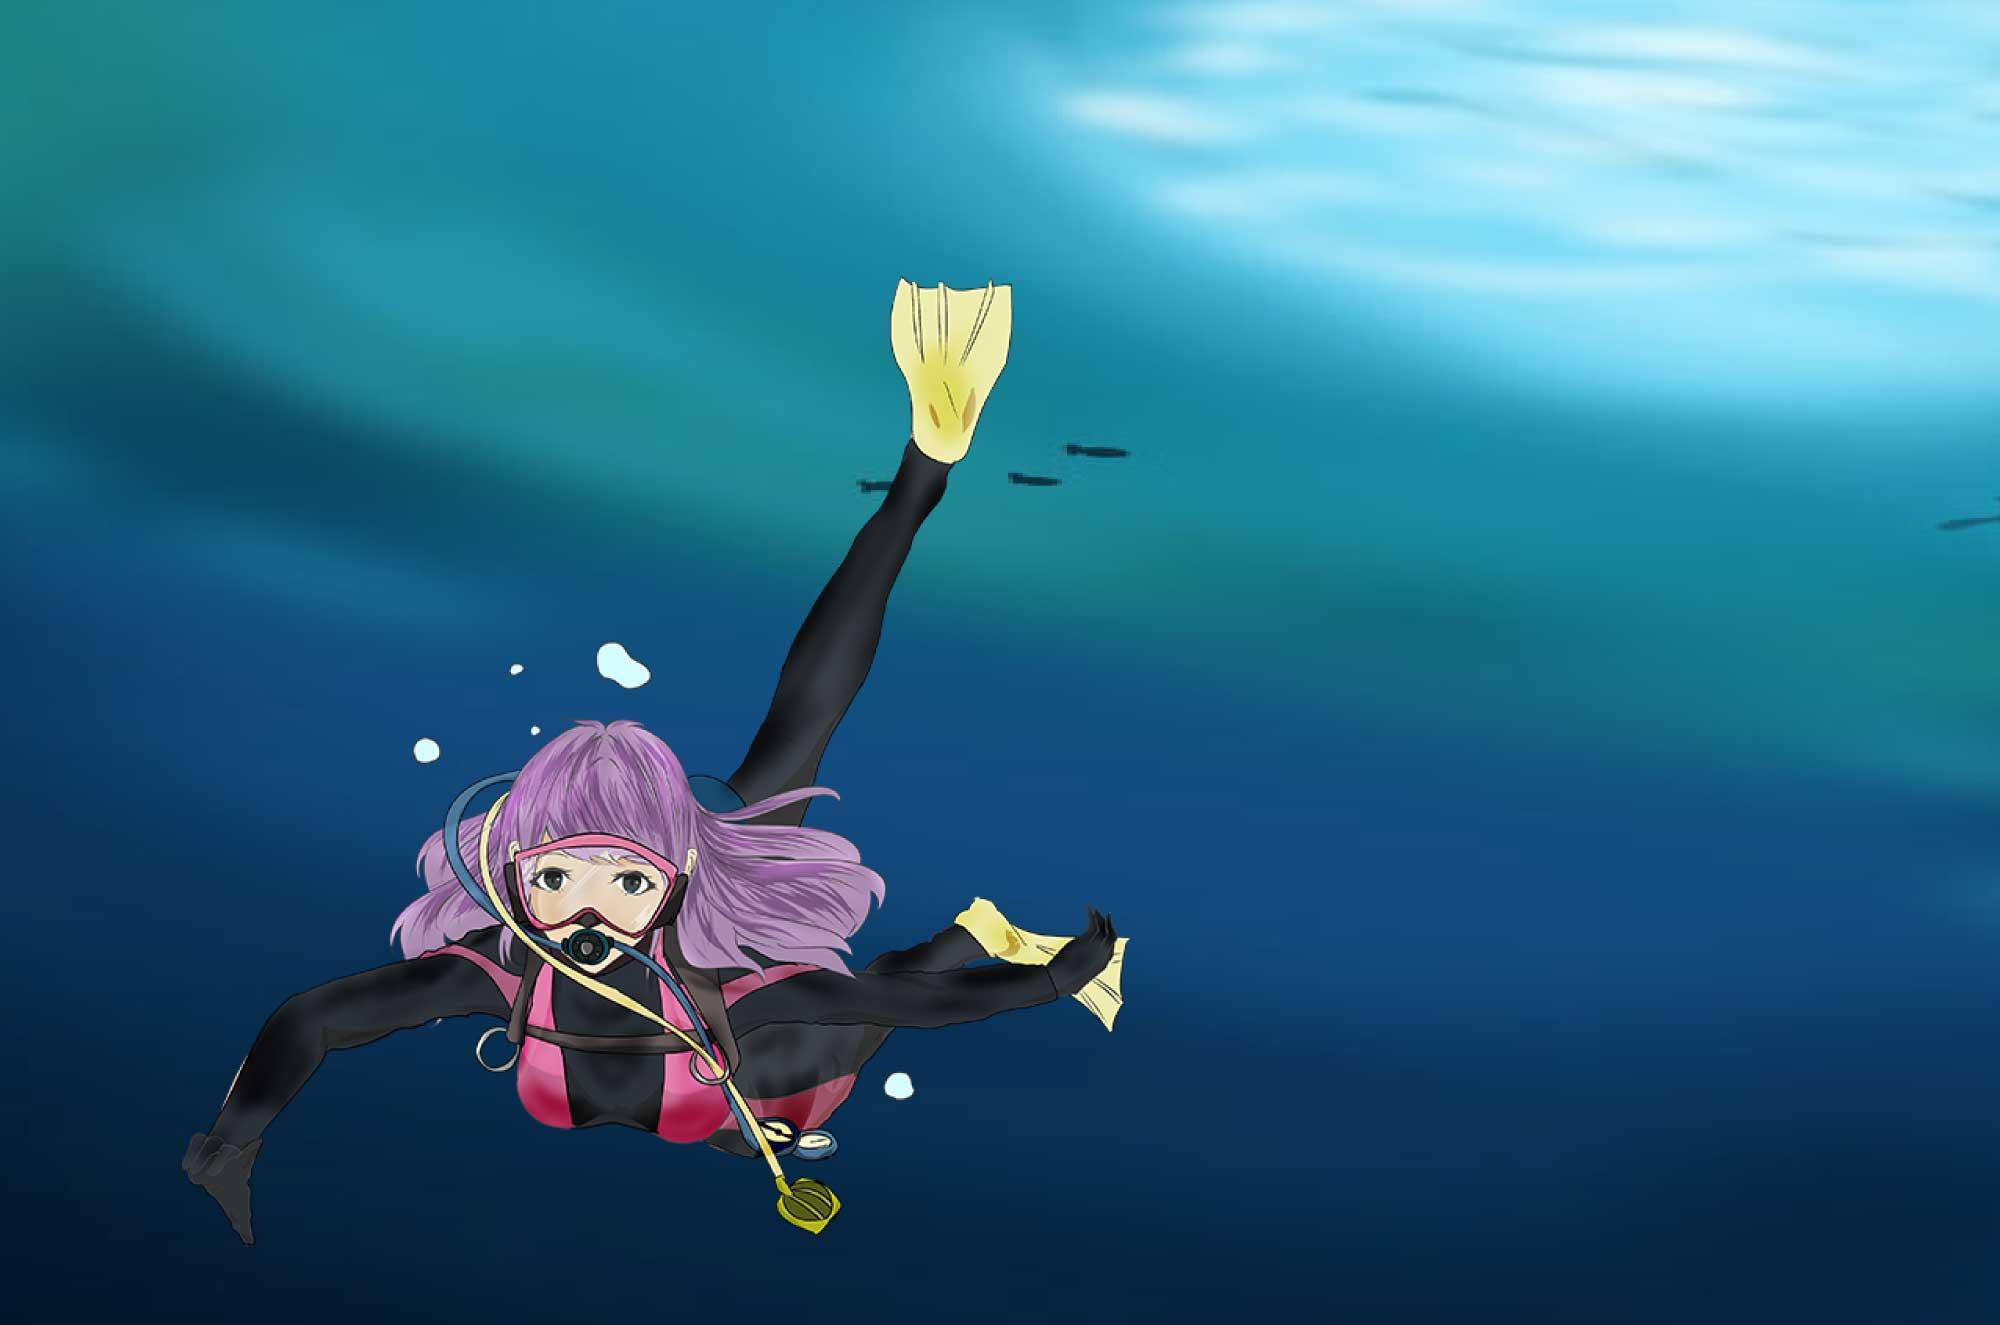 潜水士のイラスト - 深海に沈んでいく職業無料素材